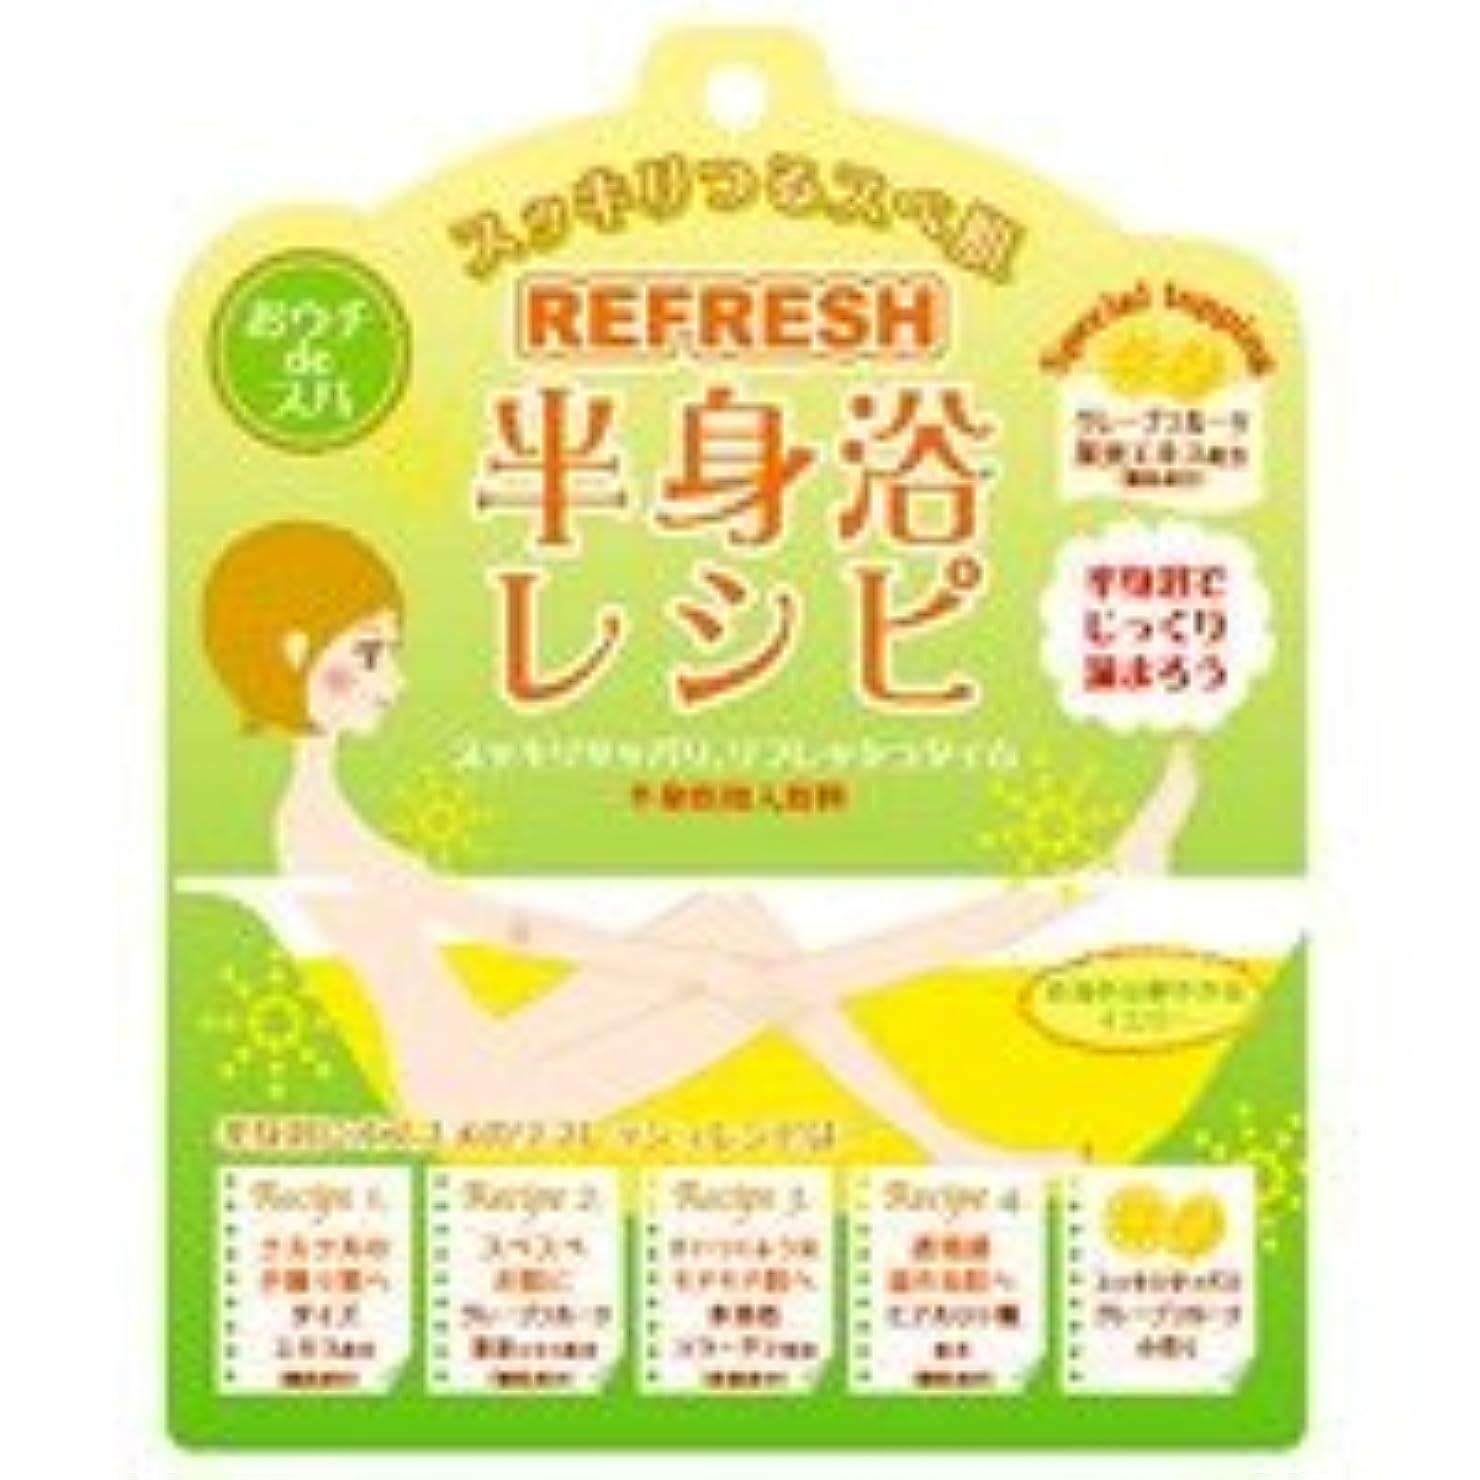 バリケード退化するしょっぱい半身浴レシピ「リフレッシュレシピ」10個セット クリアイエローのお湯 スッキリサッパリなグレープフルーツの香り